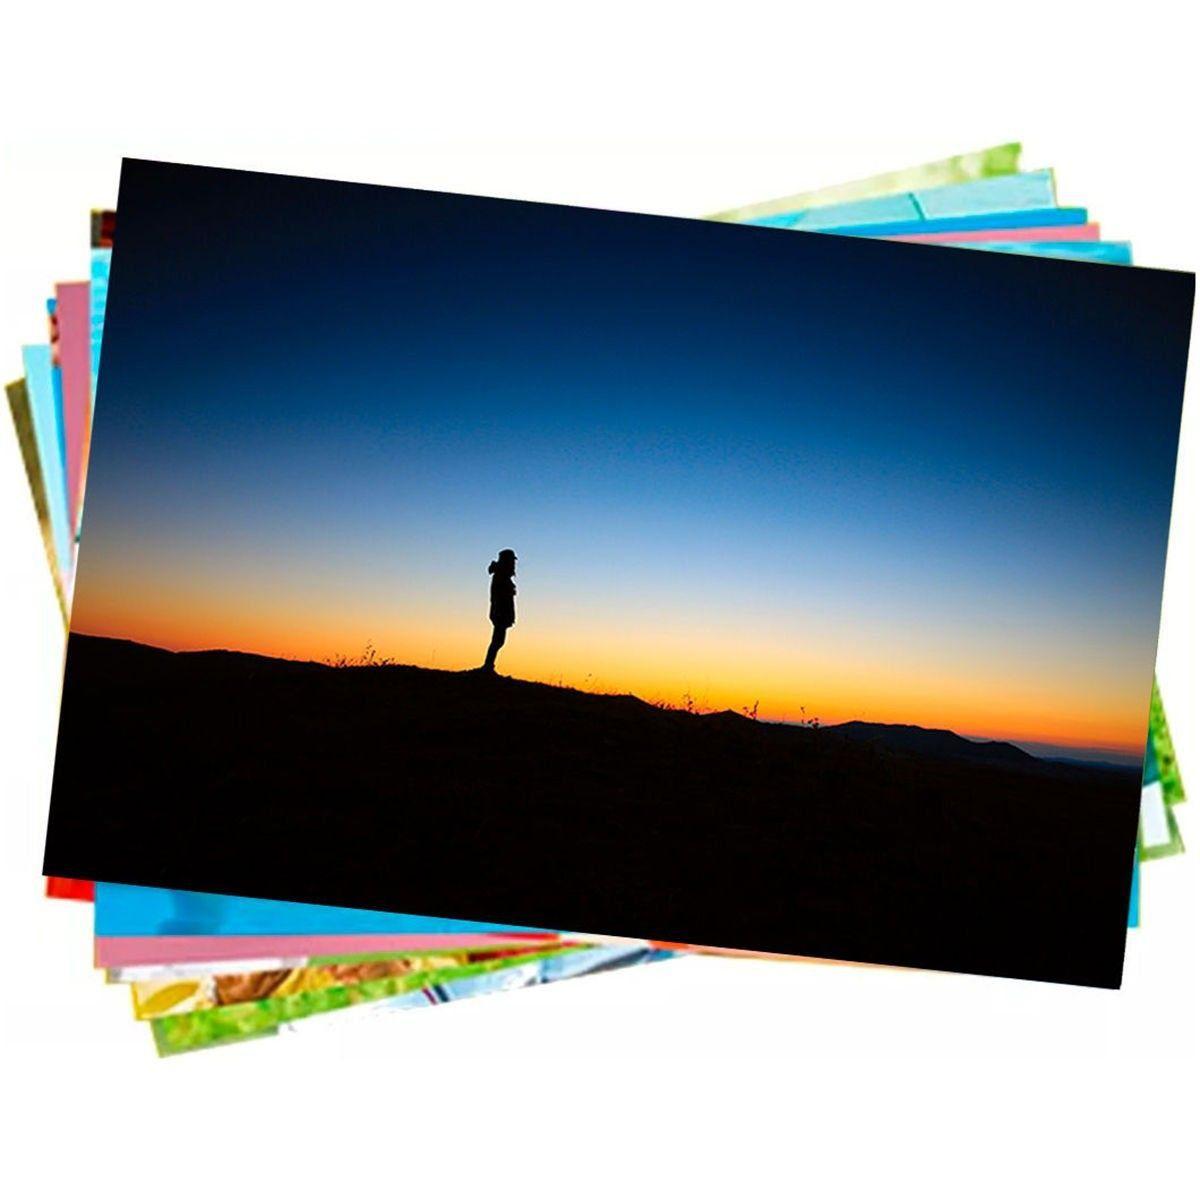 Papel Fotográfico A4 150g Glossy Branco Brilhante Resistente à Água / 400 folhas